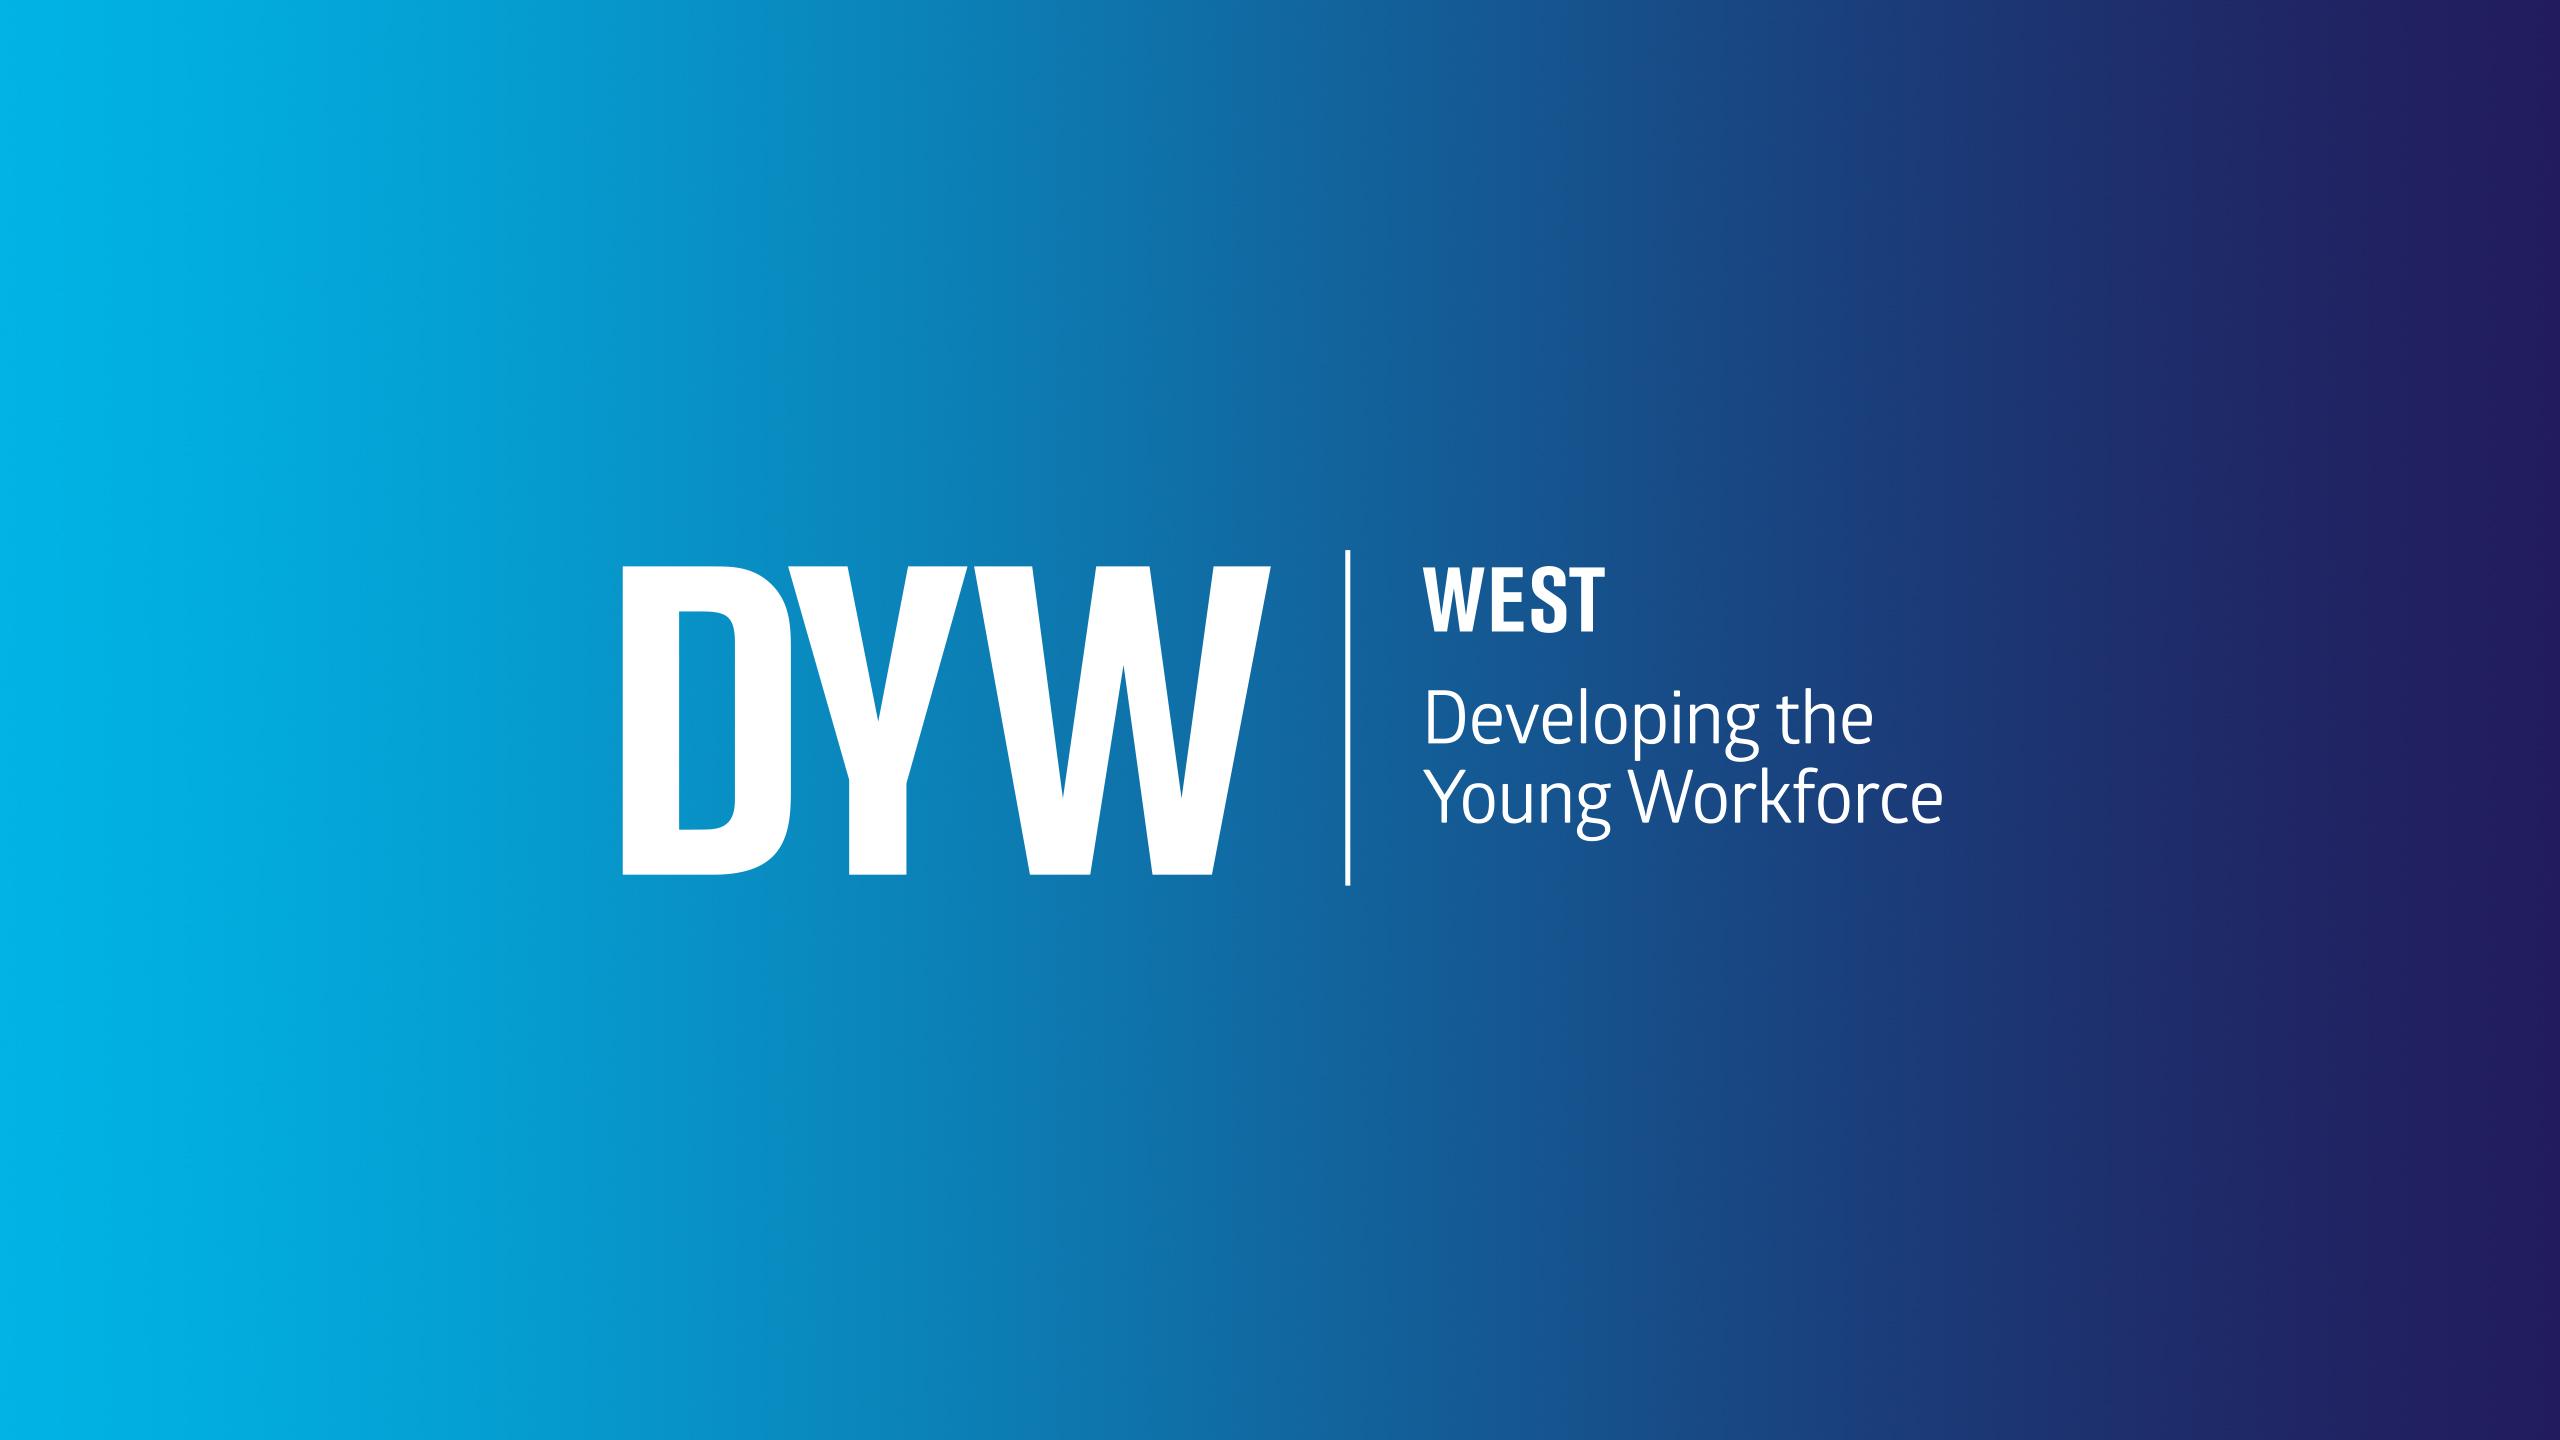 DYW West